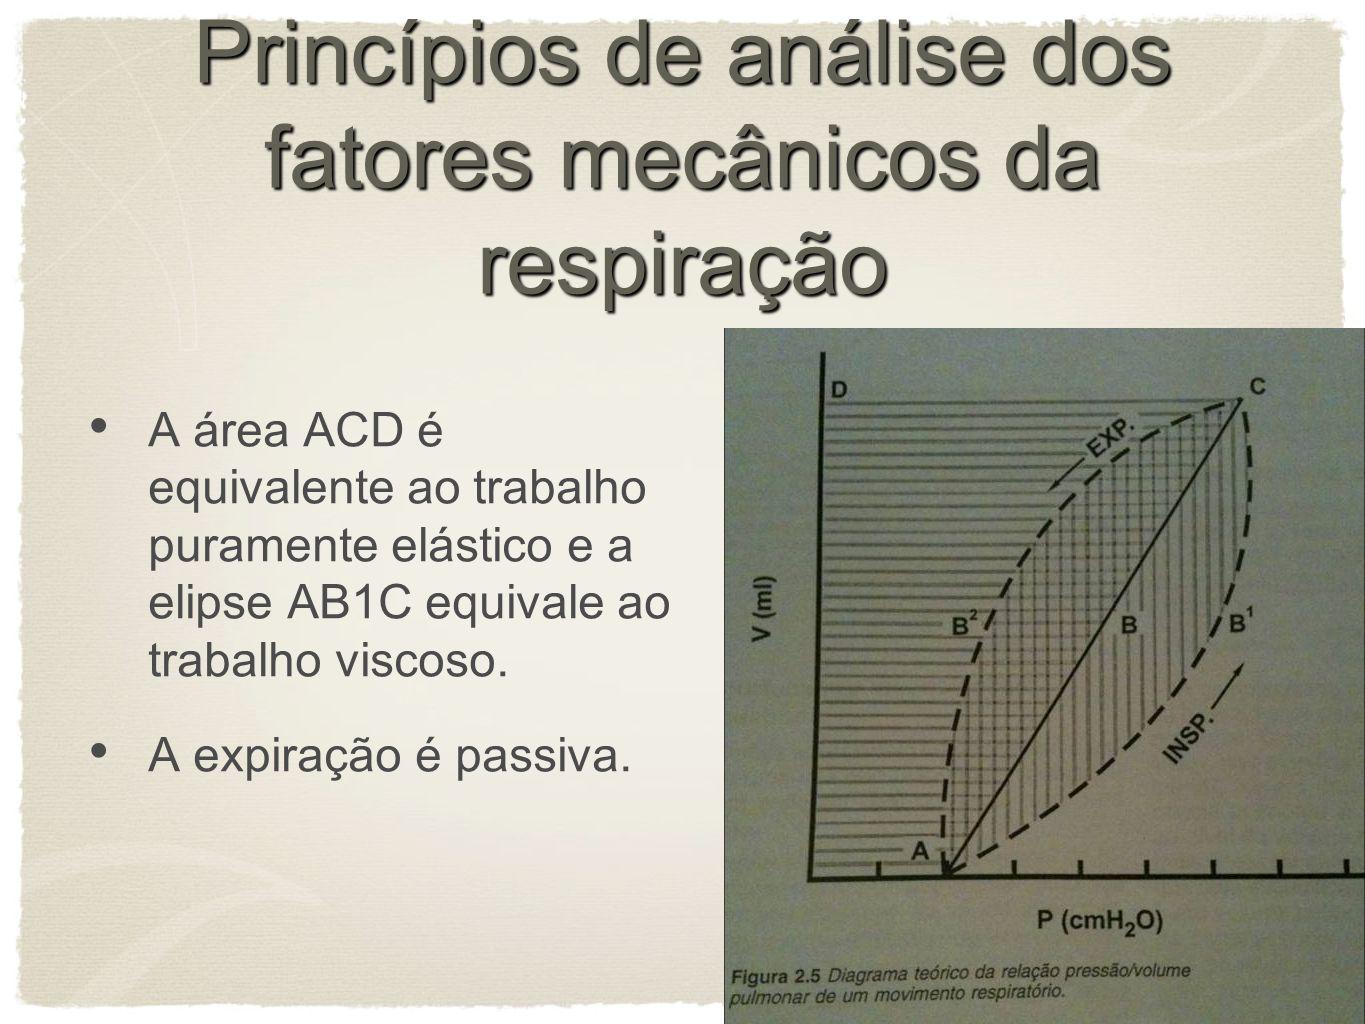 Princípios de análise dos fatores mecânicos da respiração A área ACD é equivalente ao trabalho puramente elástico e a elipse AB1C equivale ao trabalho viscoso.